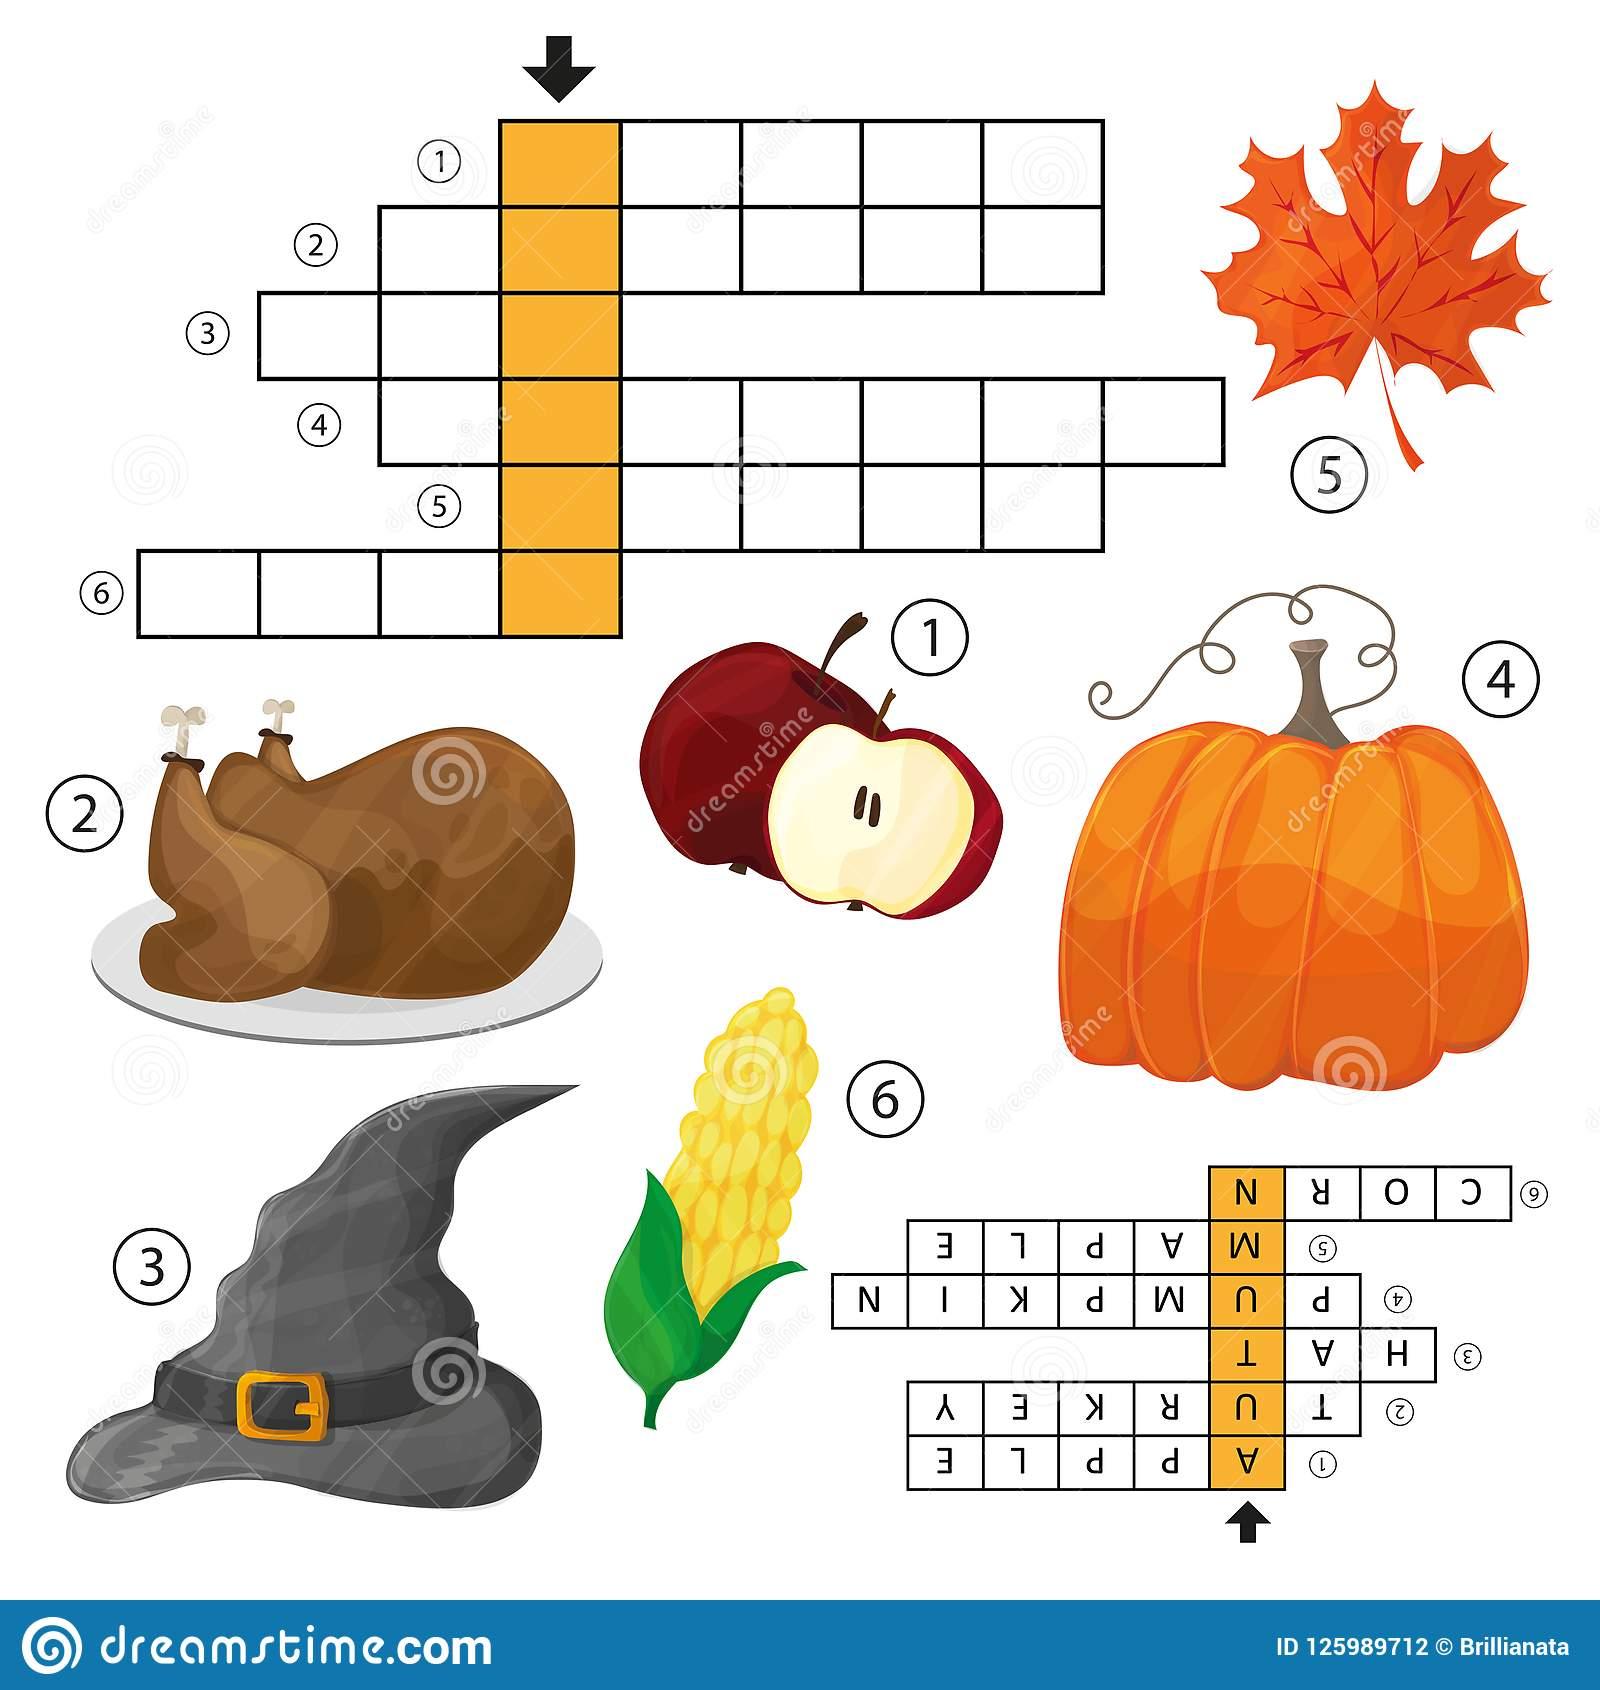 Apprenez L'anglais Avec Un Jeu De Mots Croisé D'automne Pour dedans Jeu De Mot En Anglais